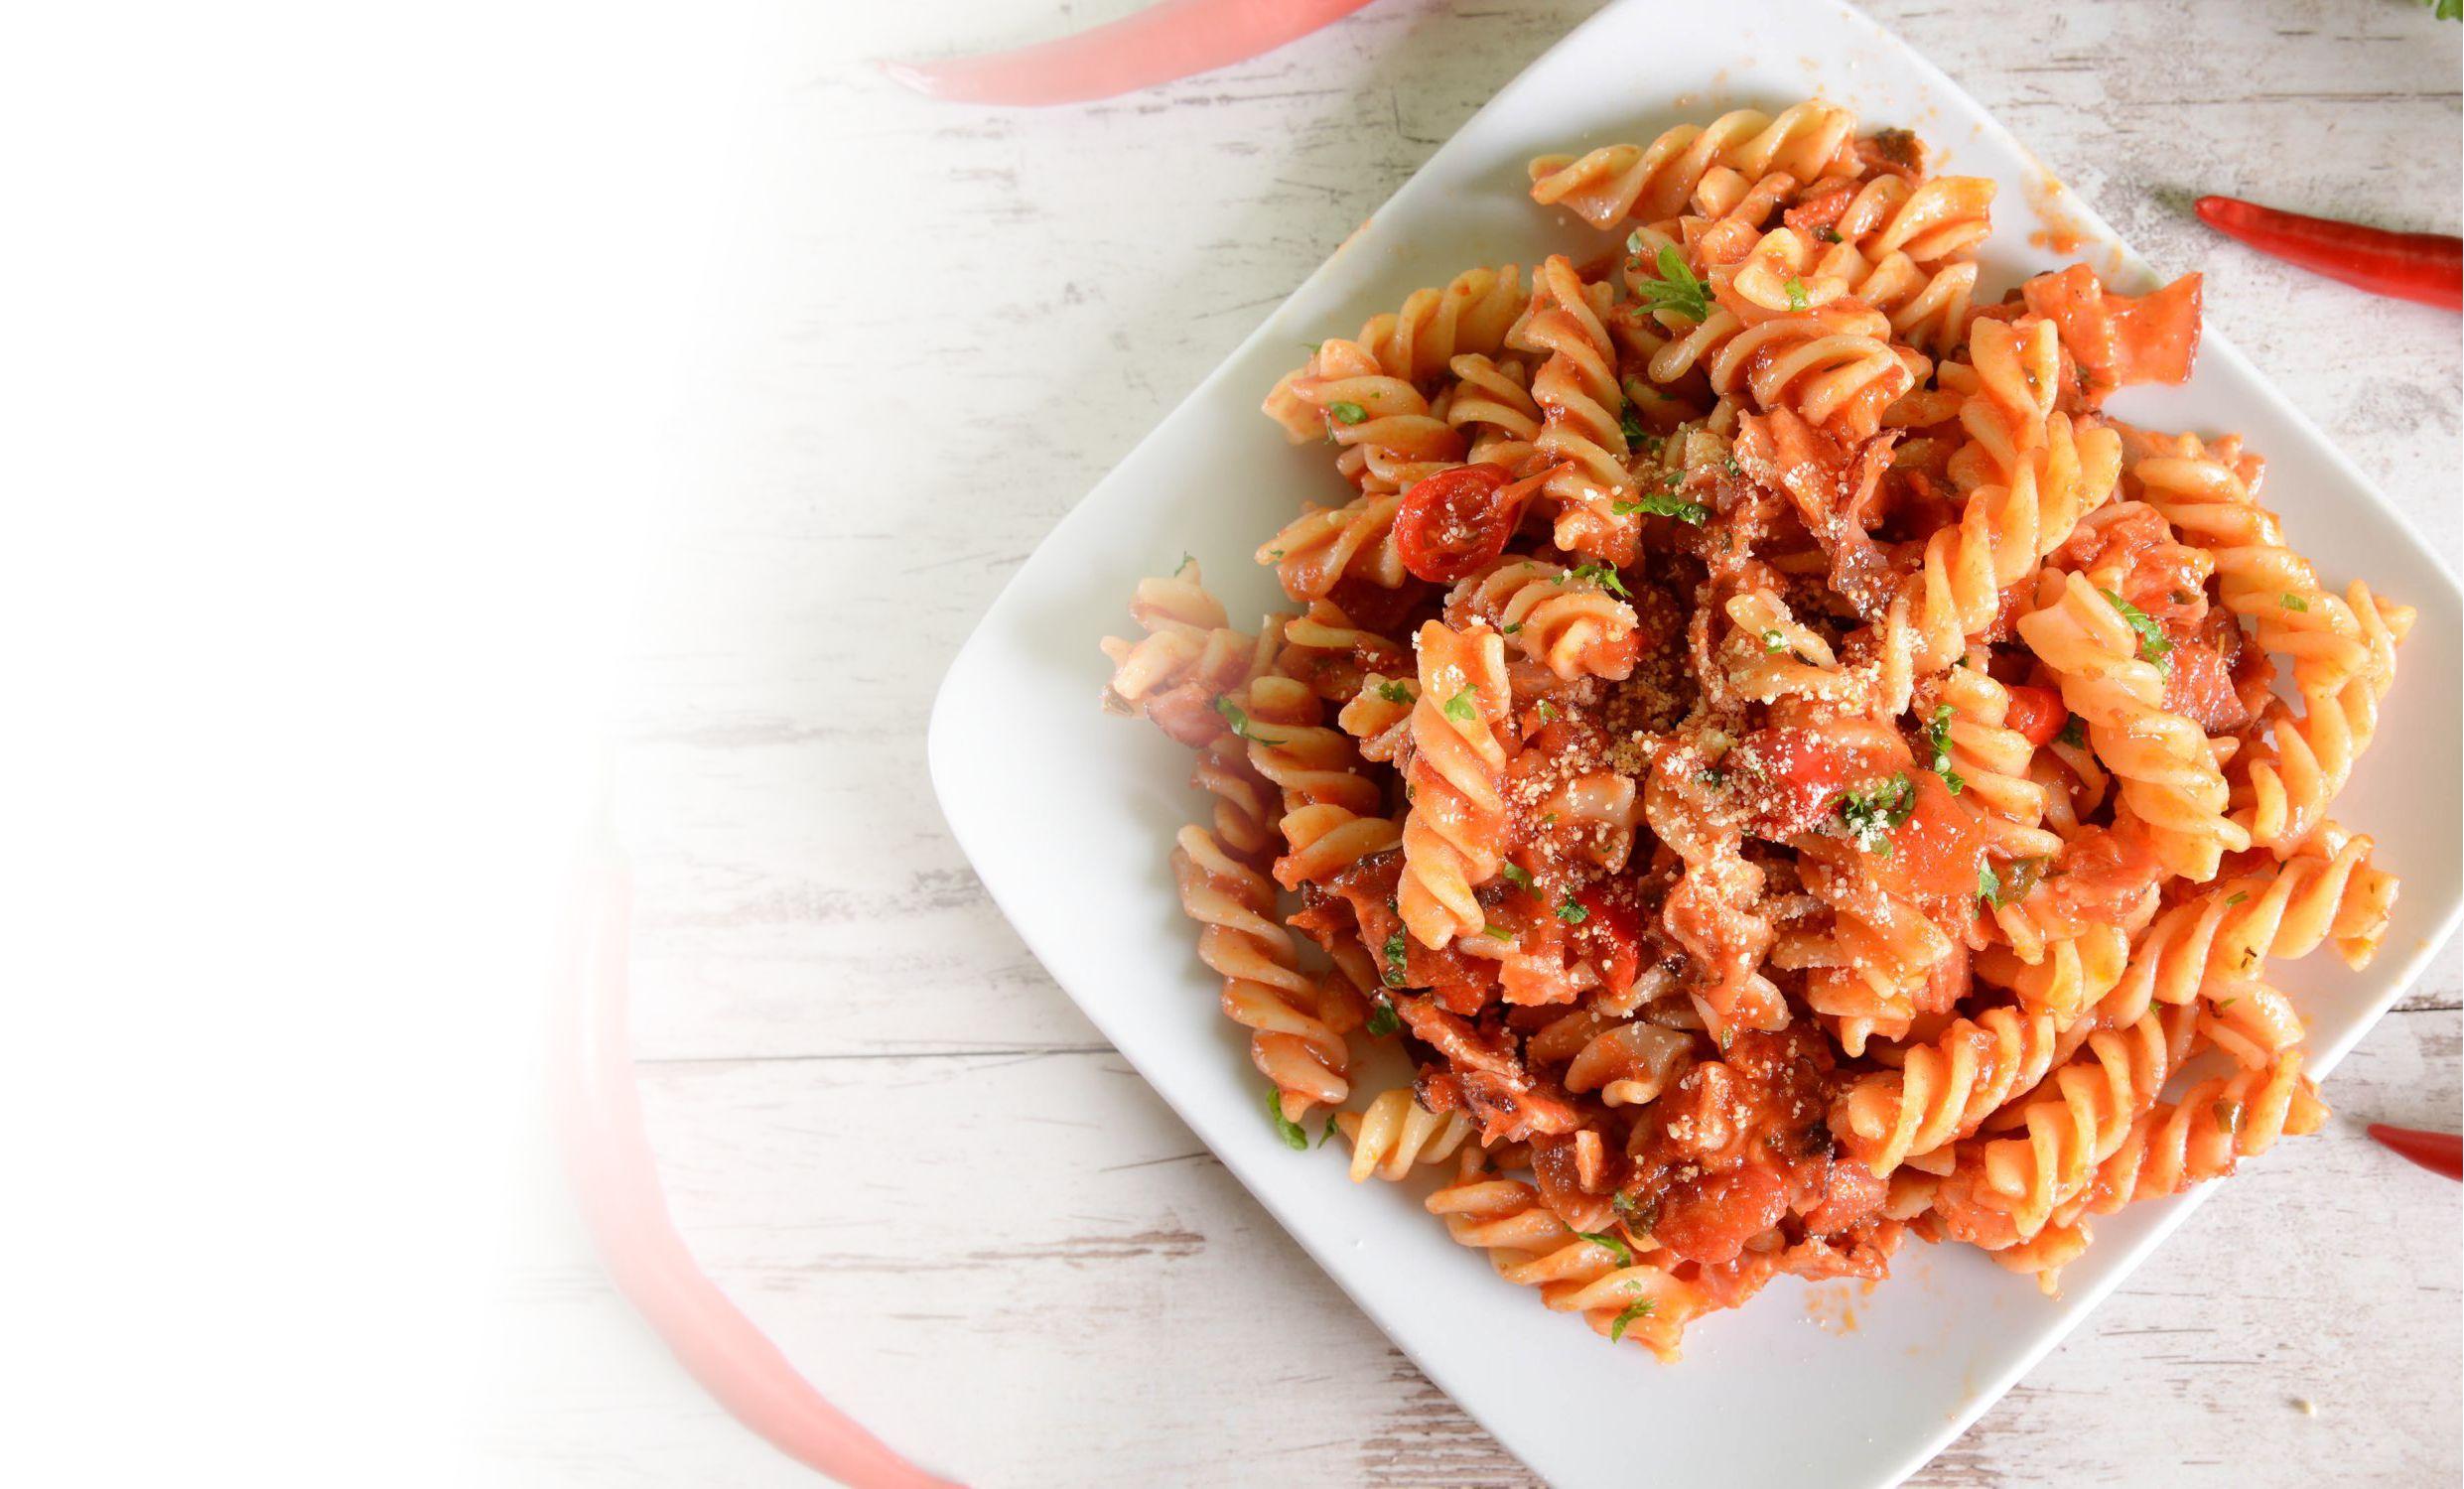 Best Italian pasta sauces